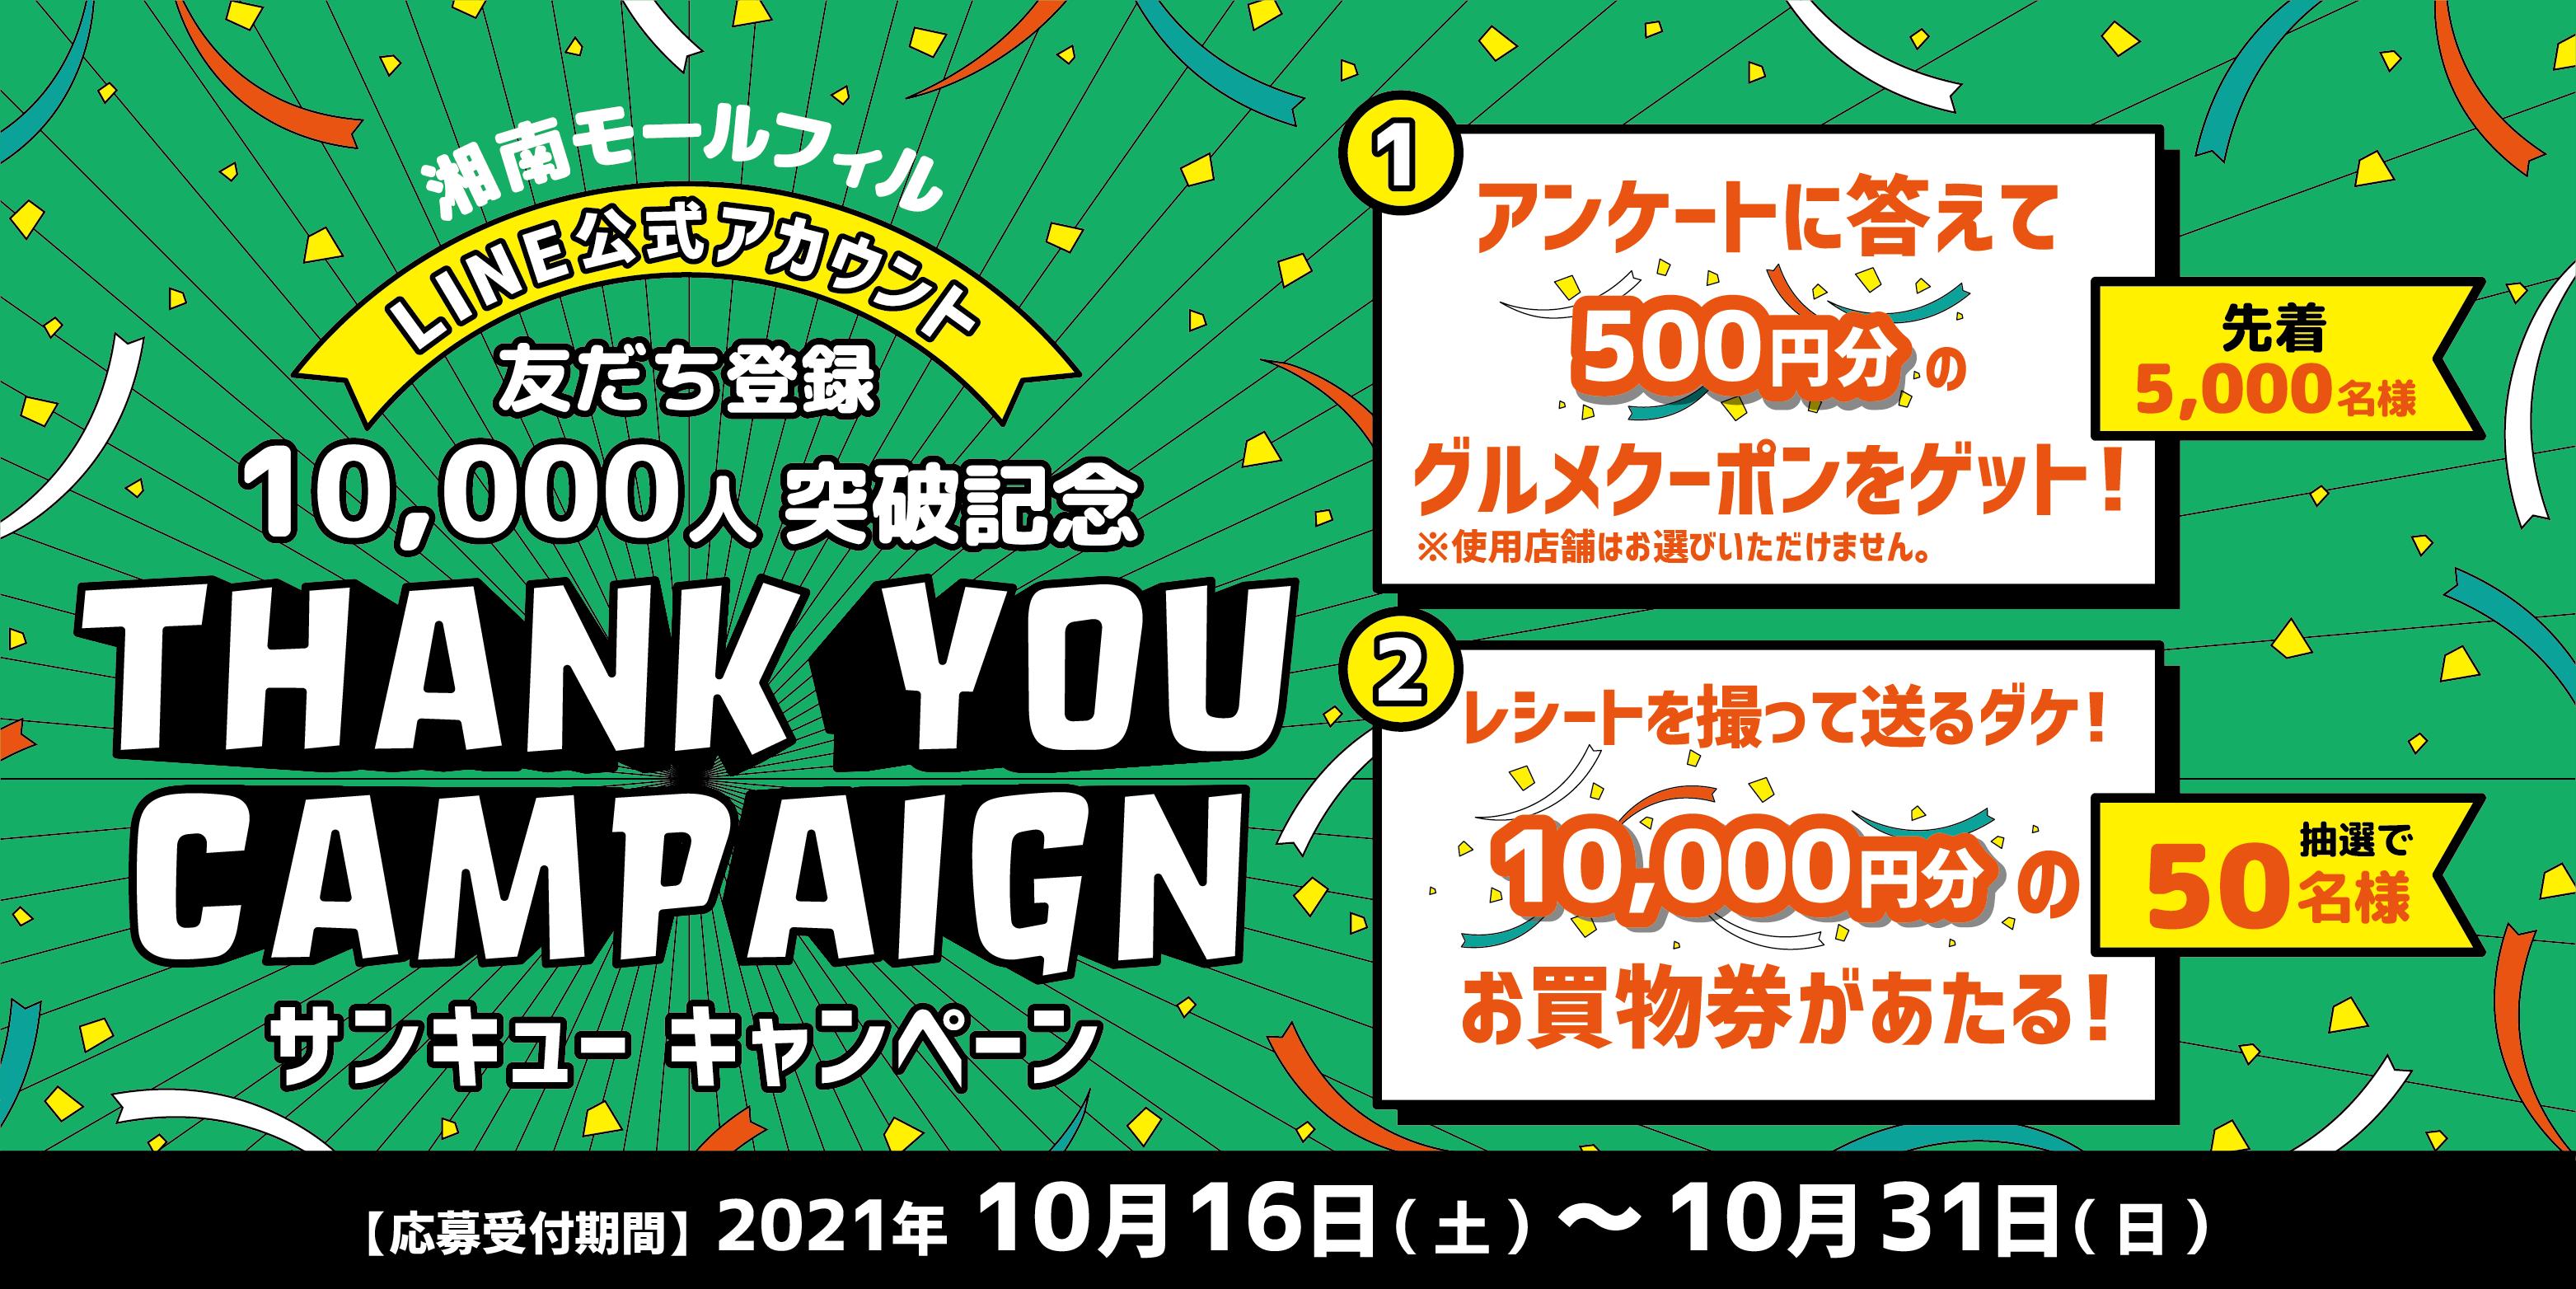 湘南モールフィルLINE公式アカウント友だち登録10,000人突破記念サンキューキャンペーン